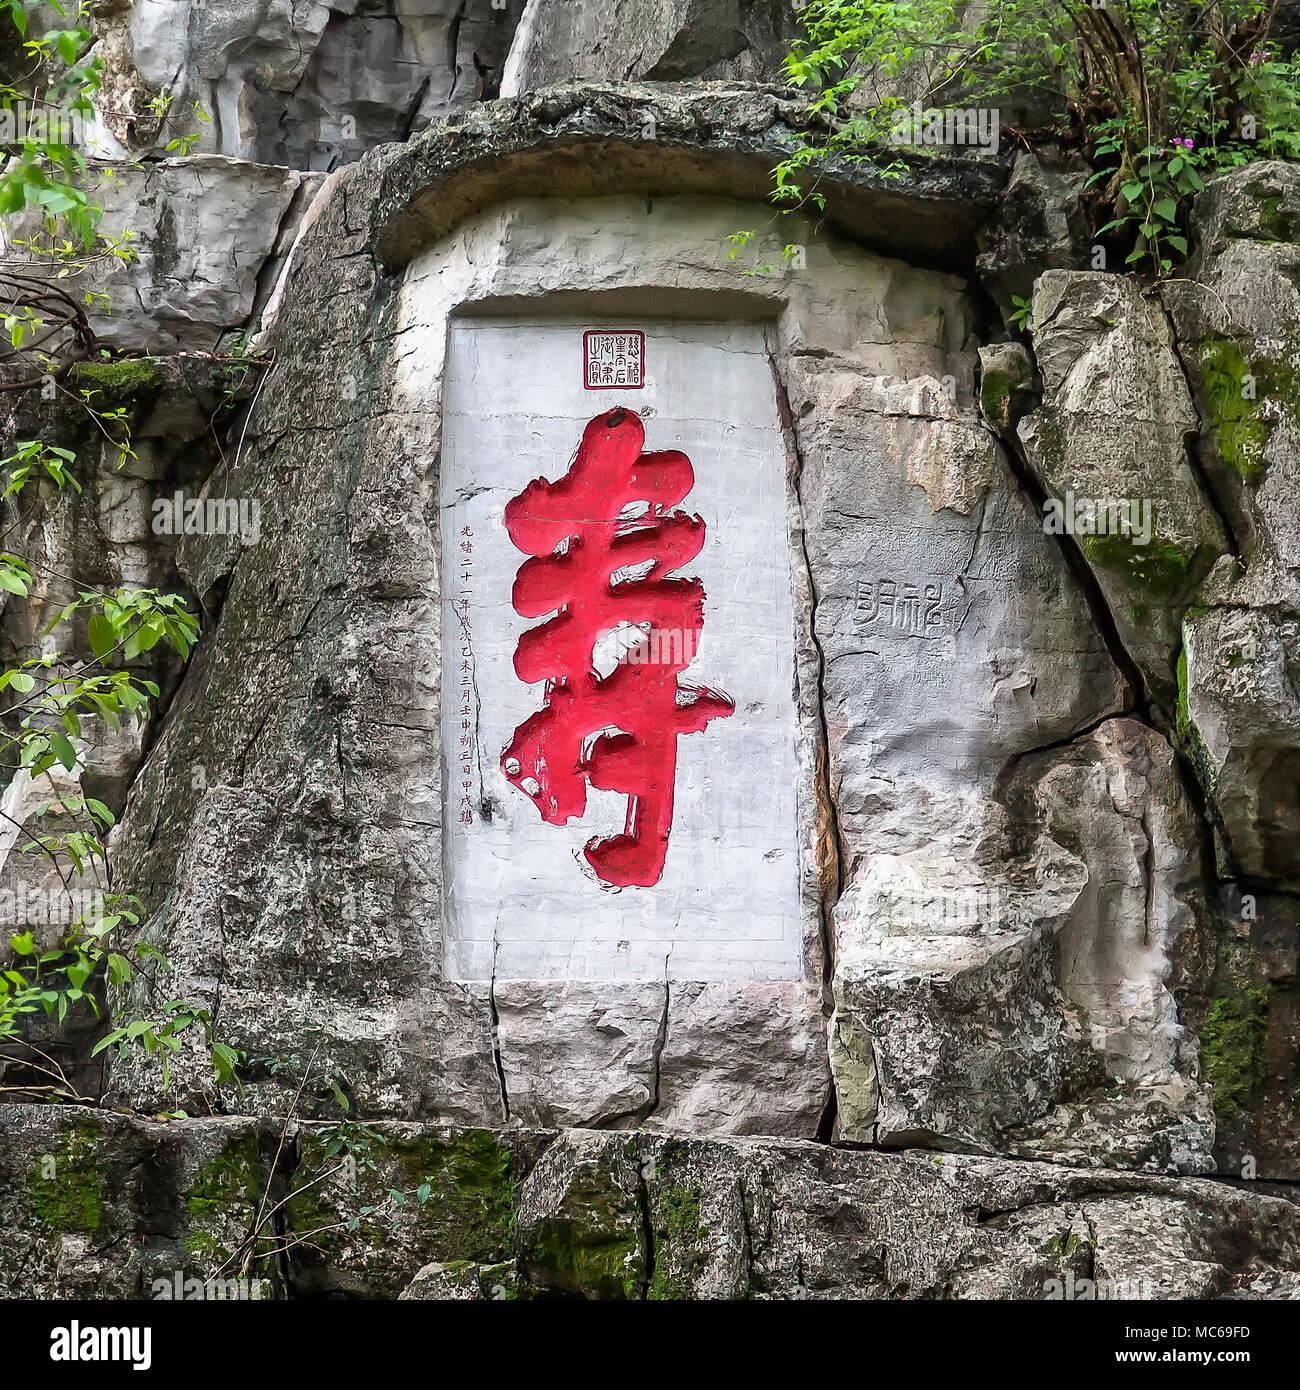 Un iscrizione e la scultura in pietra alla base della Vetta della Bellezza Solitaria, Guilin, Cina. Il dipinto di rosso il carattere cinese è Shou, il che significa che la longevità. Immagini Stock